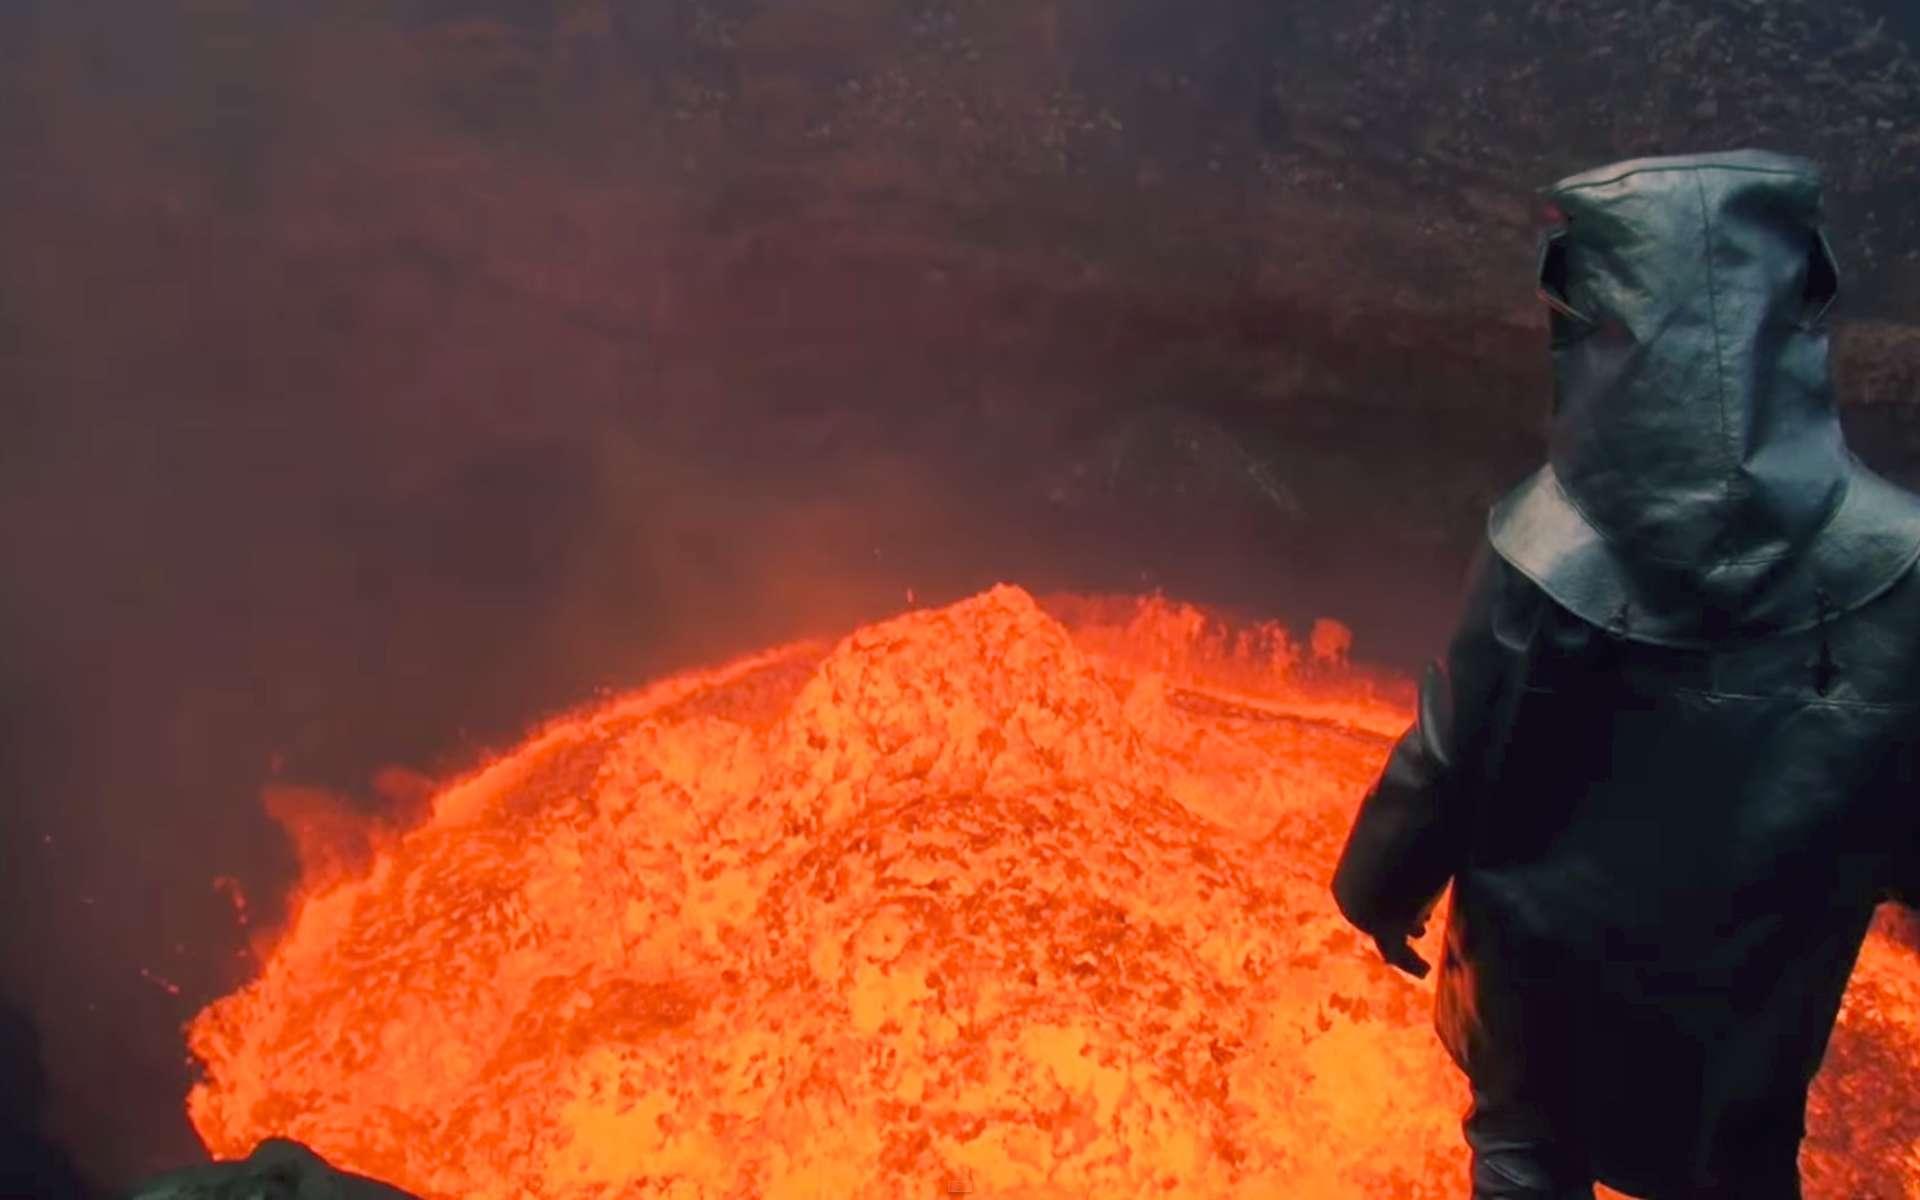 L'aventurier Geoff Mackley, the Dangerman, comme on le surnomme, semble absorbé dans ses réflexions face à la fournaise du bouillonnement de lave. © Sam Cossman